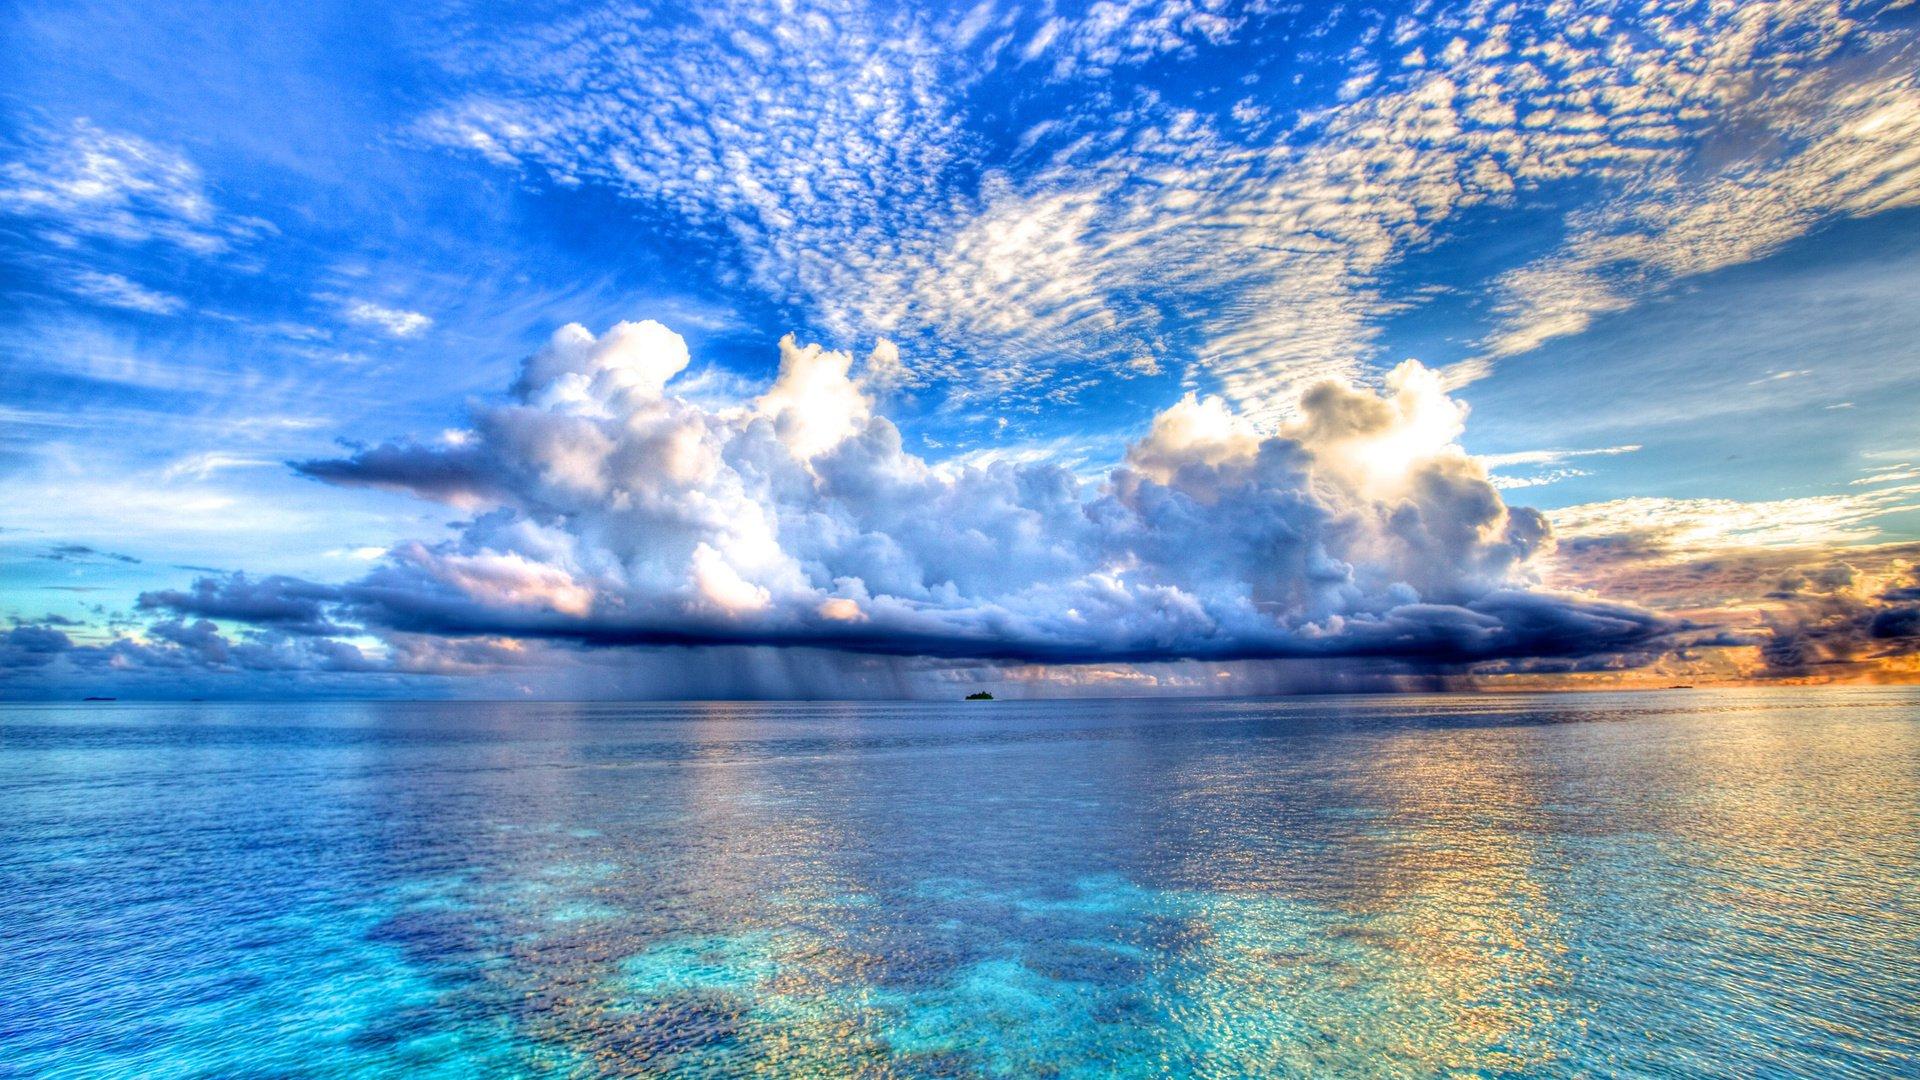 море красивые обои на телефон испечь открытый